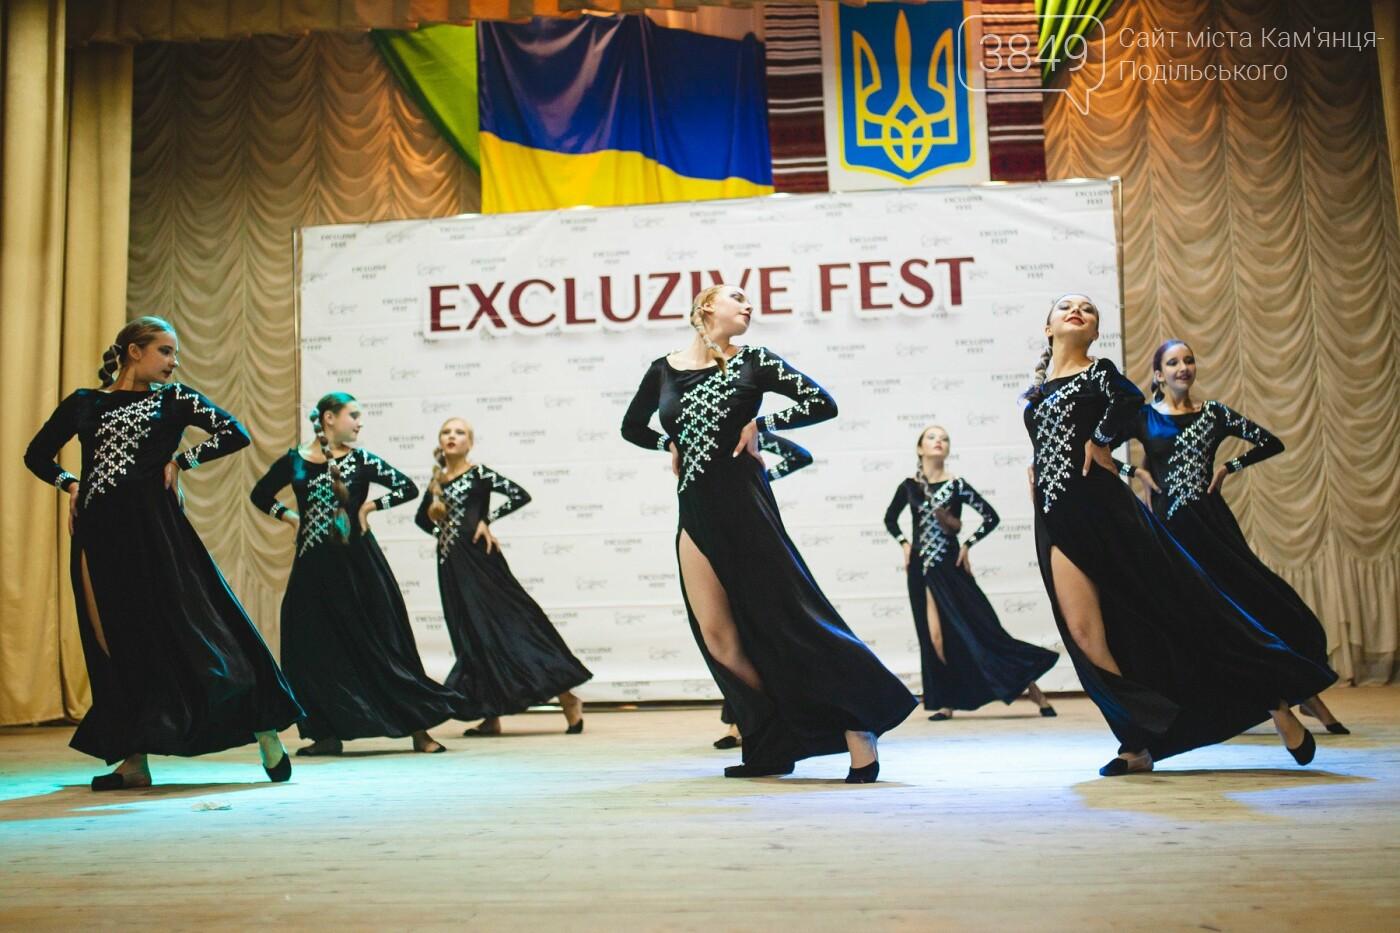 Юні кам'янецькі танцюристи завоювали чотири I місця та Гран-прі найбільшого фестивалю Західної України, фото-7